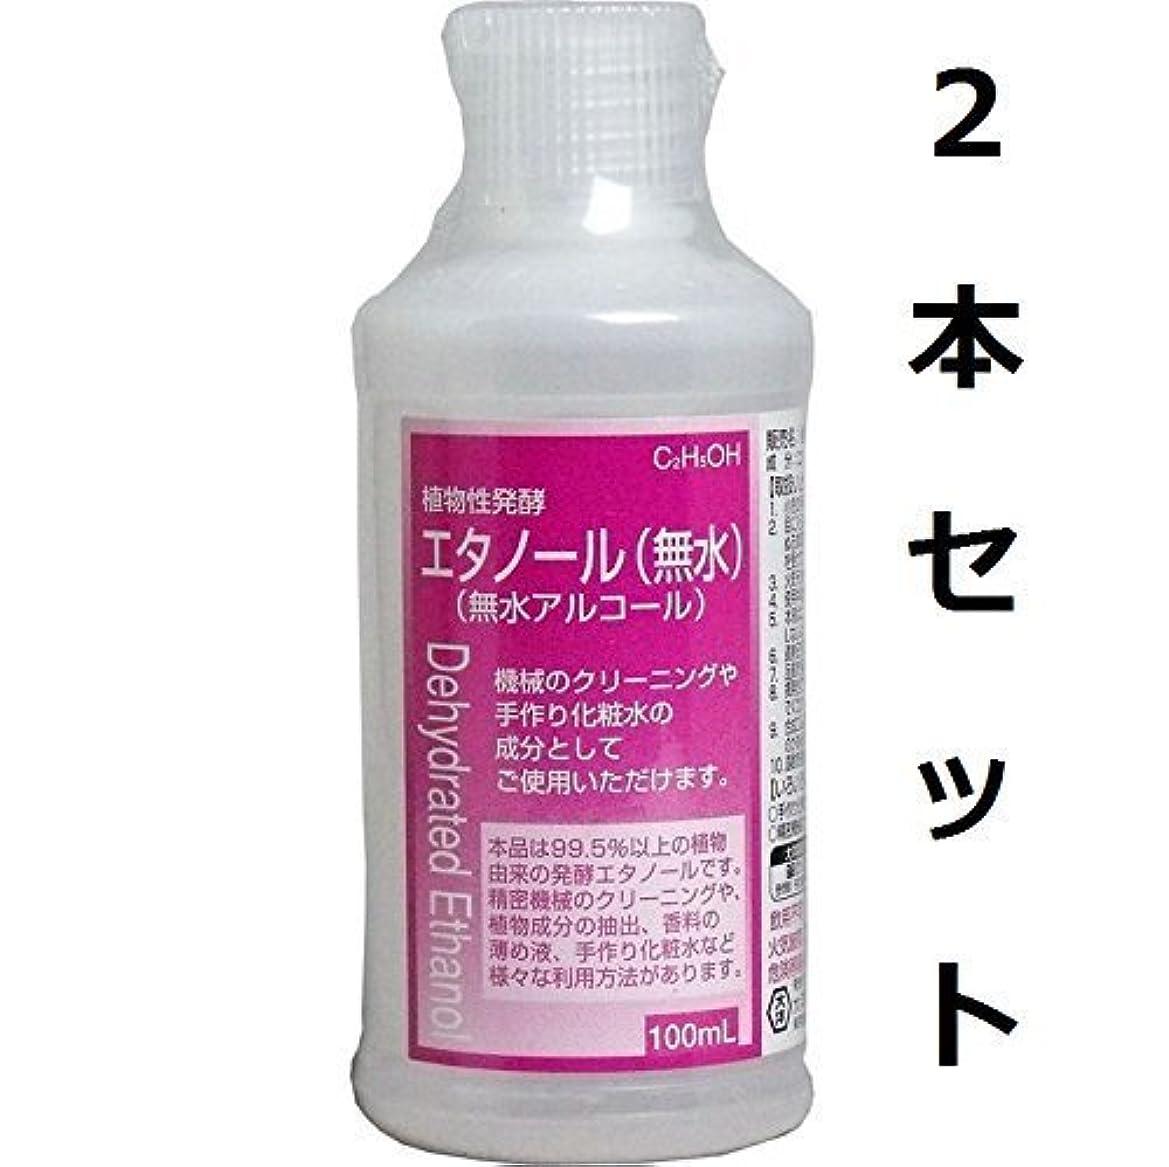 人道的カカドゥ計り知れない香料の薄め液に 植物性発酵エタノール(無水エタノール) 100mL 2本セット by 大洋製薬